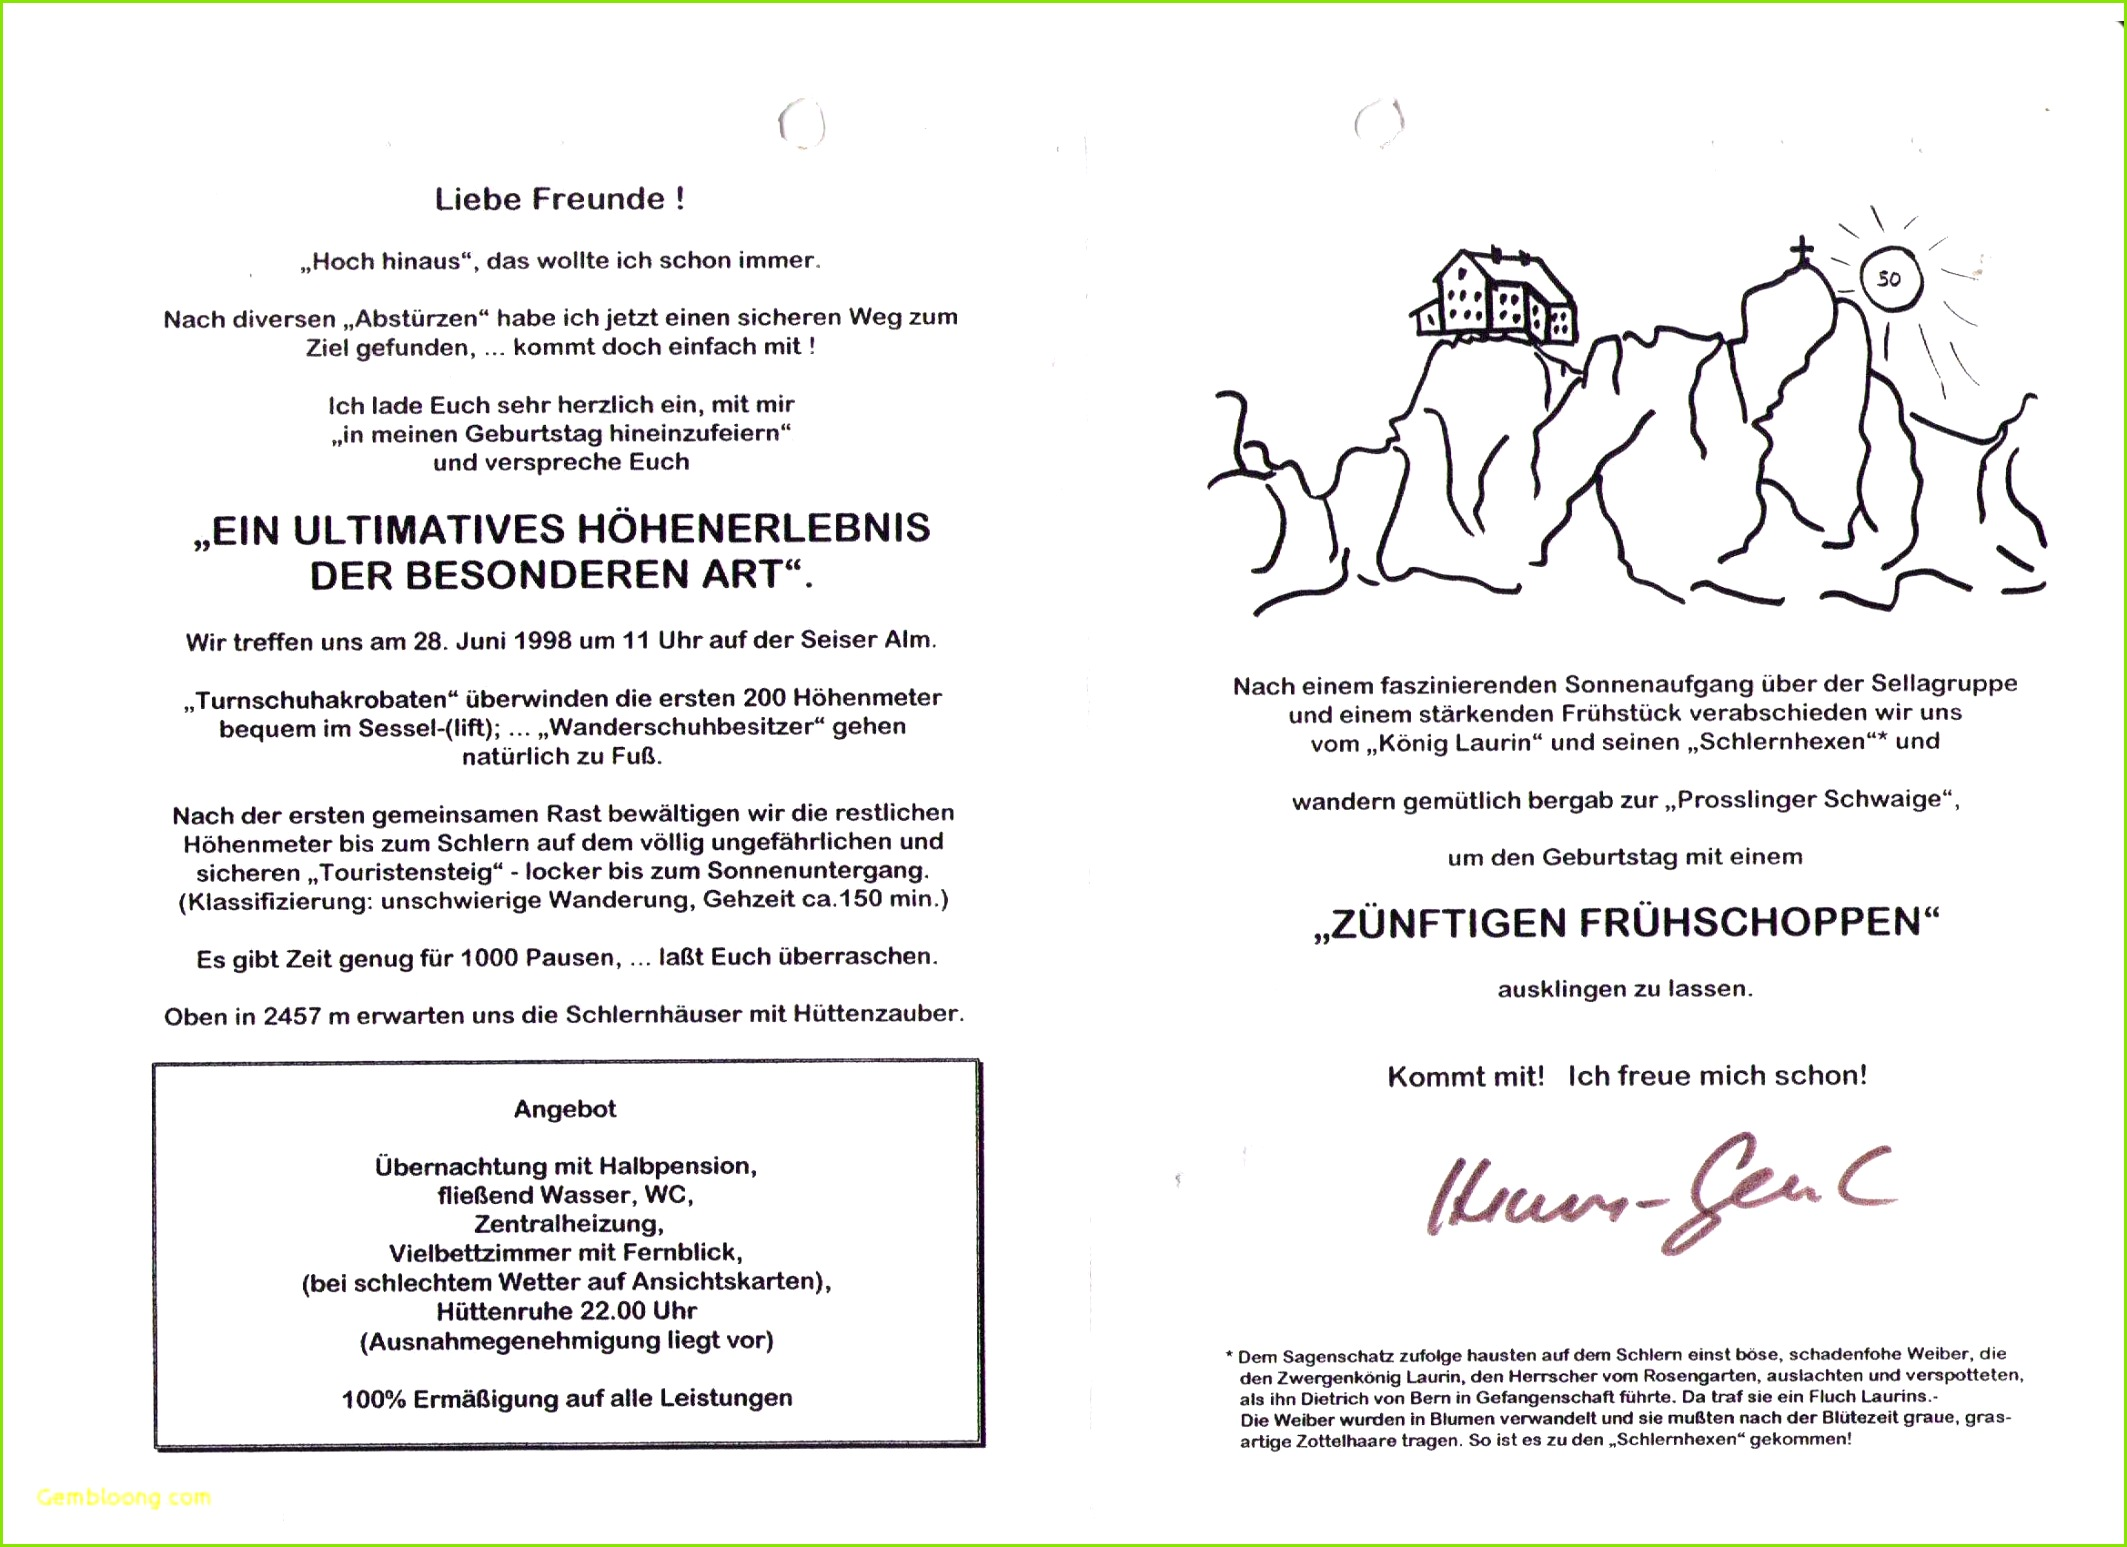 Einladung Geburtstag Vorlage Kostenlos Einladung Zur Party Einladung 60 Geburtstag Vorlagen Kostenlos Einladung Geburtstag Vorlage